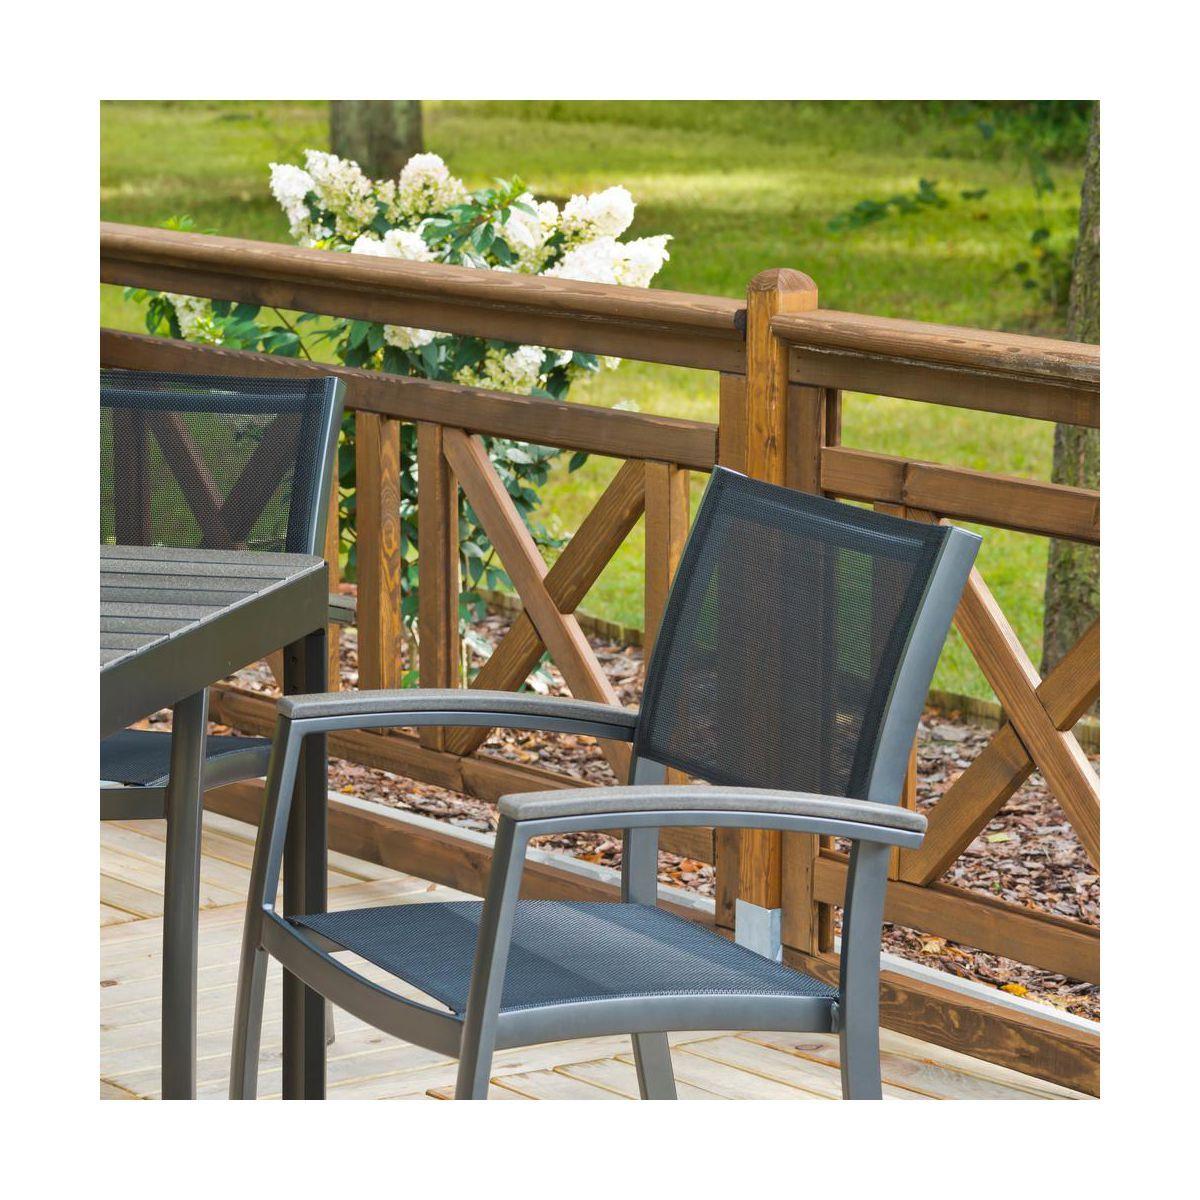 Plot Tarasowy Z Porecza Ken Sobex W Atrakcyjnej Cenie W Sklepach Leroy Merlin Outdoor Furniture Sets Outdoor Furniture Outdoor Decor